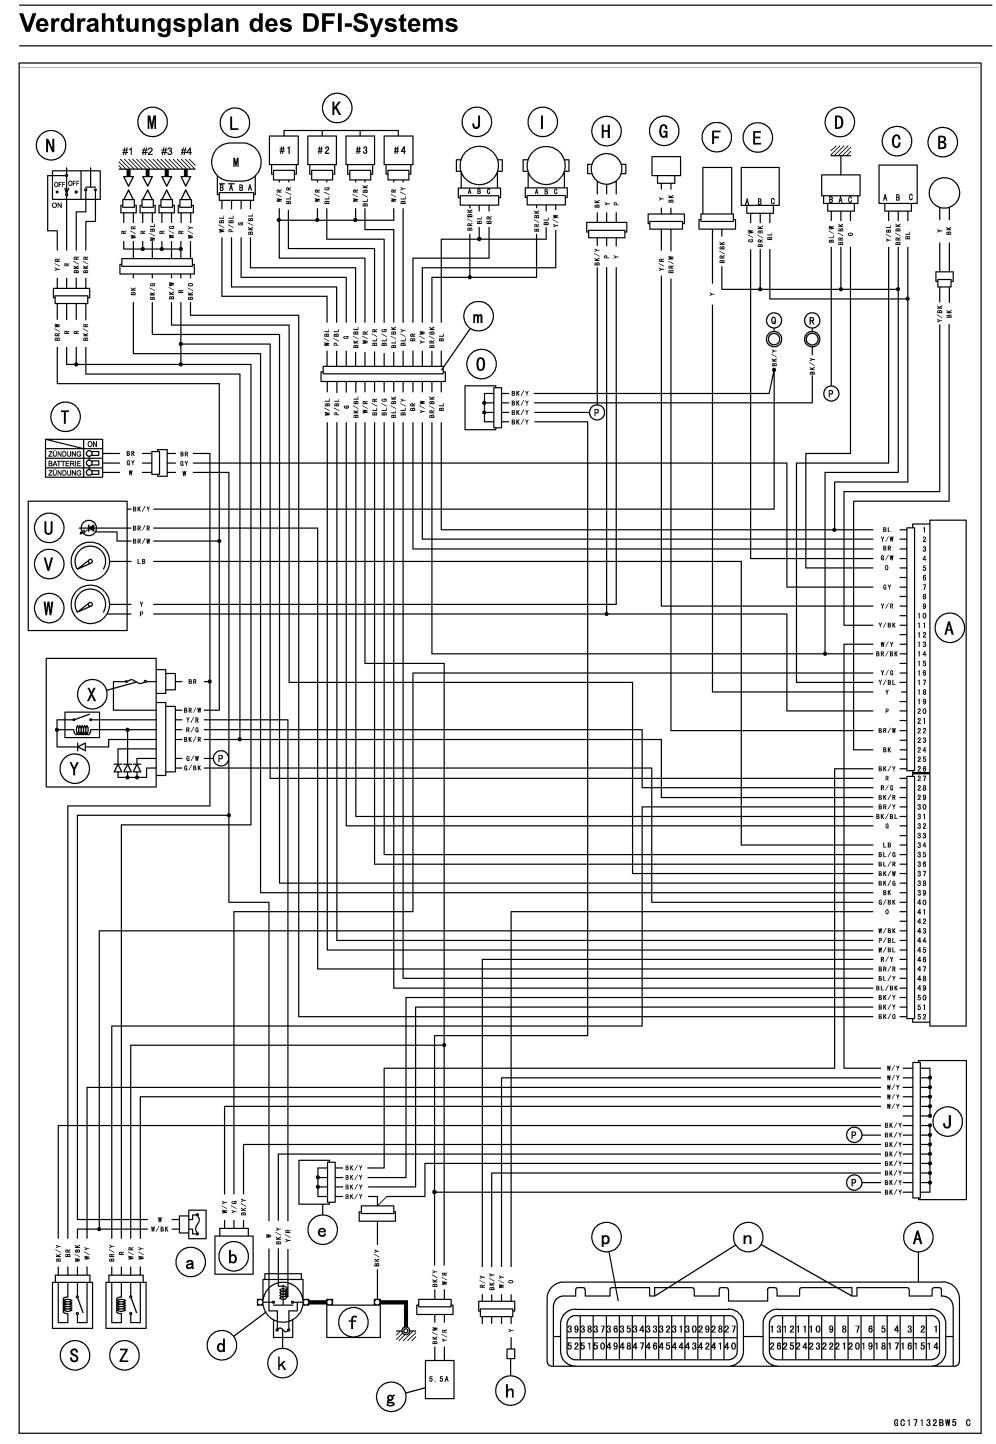 Tolle 2006 Kawasaki Schaltplan Galerie - Die Besten Elektrischen ...